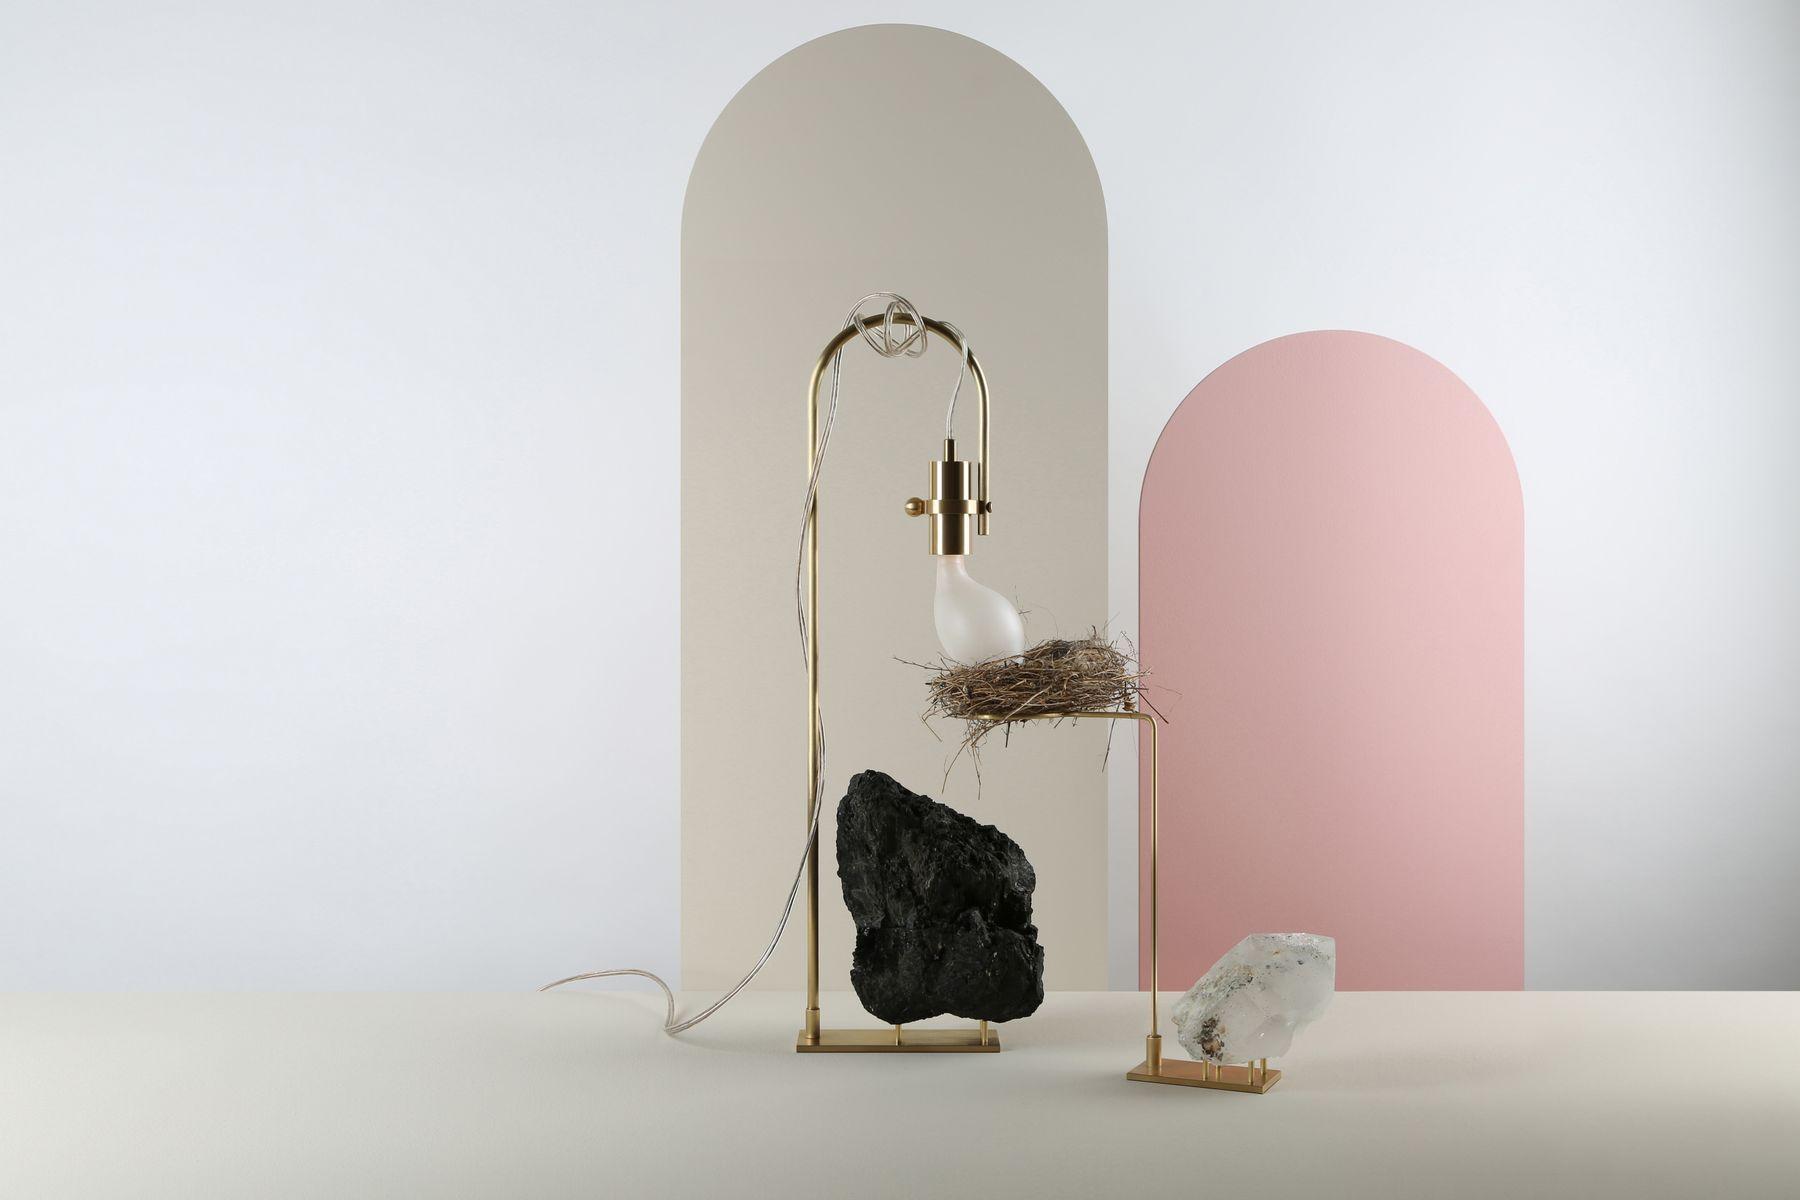 Lampe Berger Kaufen Koln Nachttischlampe Holz Weiss Nachttischleuchte Mit Schirm Nachttischleuchte Turkis Tischleuchten Fur Schlafzimmer Tischlampen